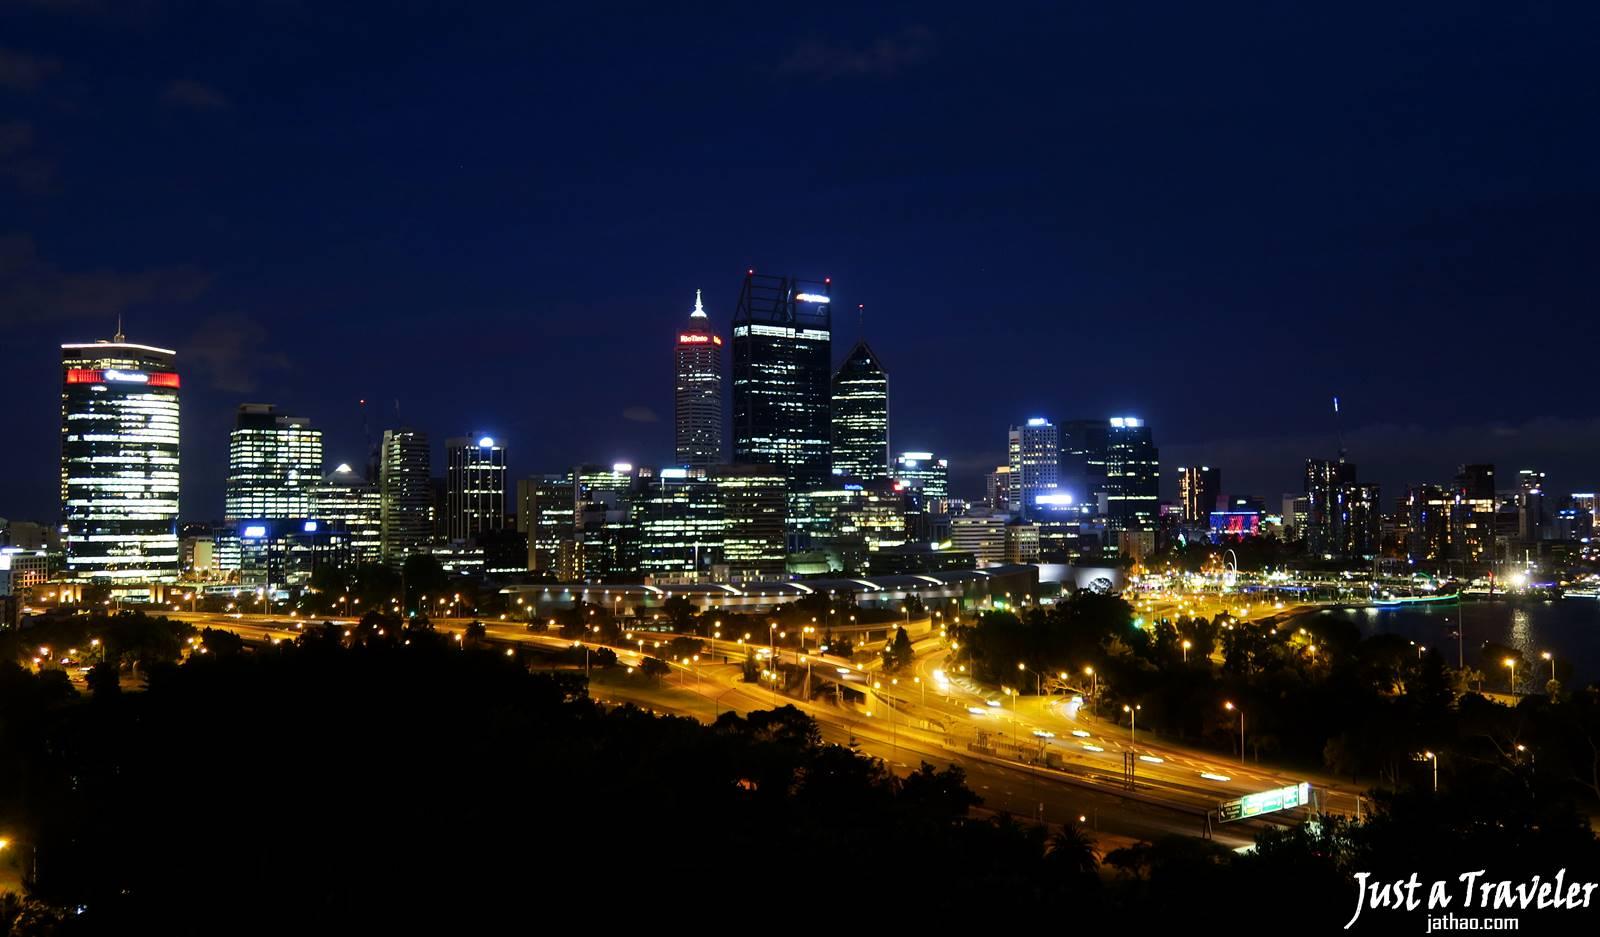 澳洲-伯斯-景點-推薦-國王公園-Kings-Park-必玩-必去-自由行-行程-攻略-旅遊-一日遊-二日遊-Perth-Travel-Tourist-Attraction